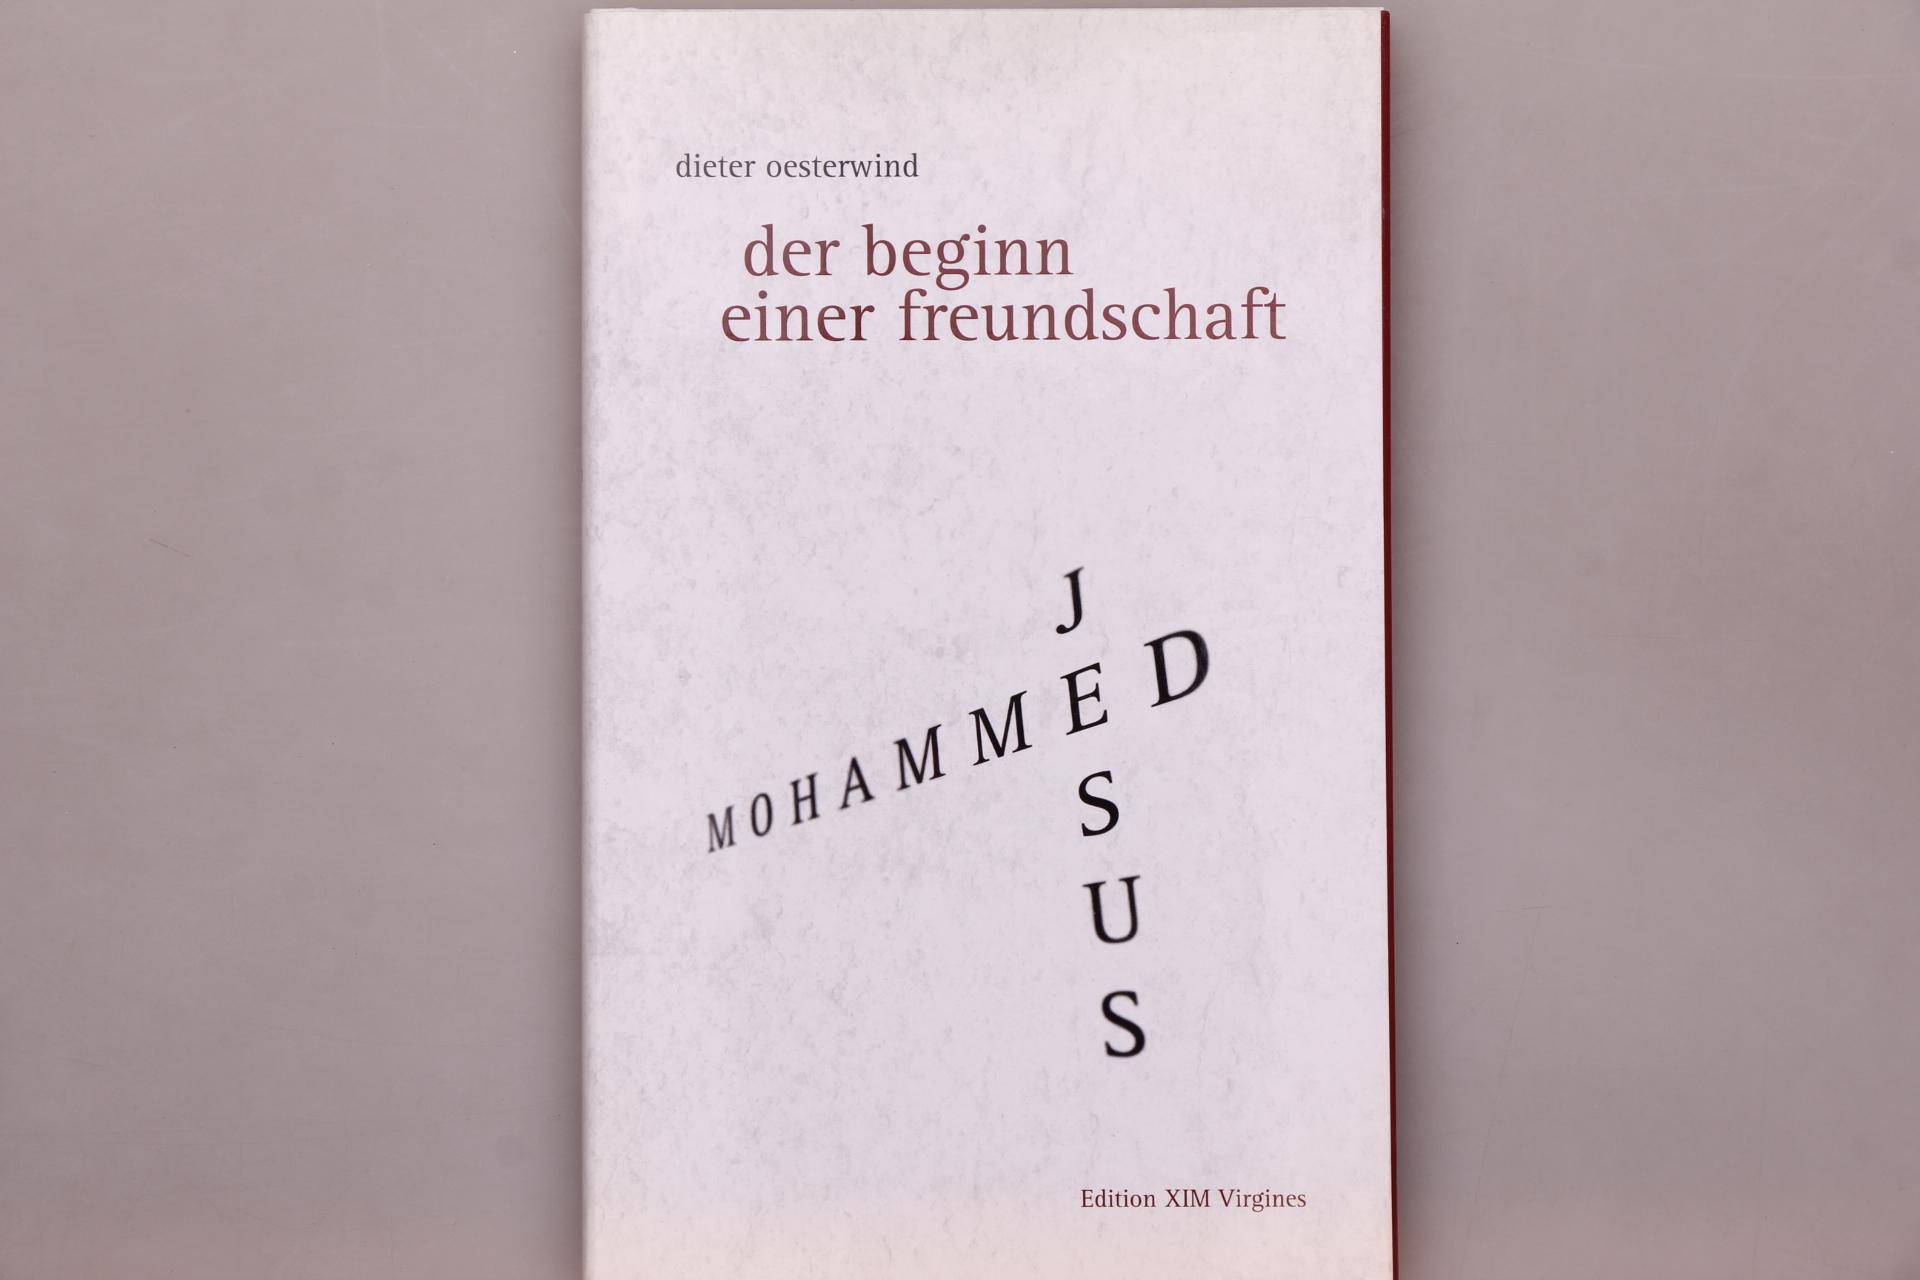 DER BEGINN EINER FREUNDSCHAFT . Jesus/Mohammed - ein Gespräch - Oesterwind, Dieter